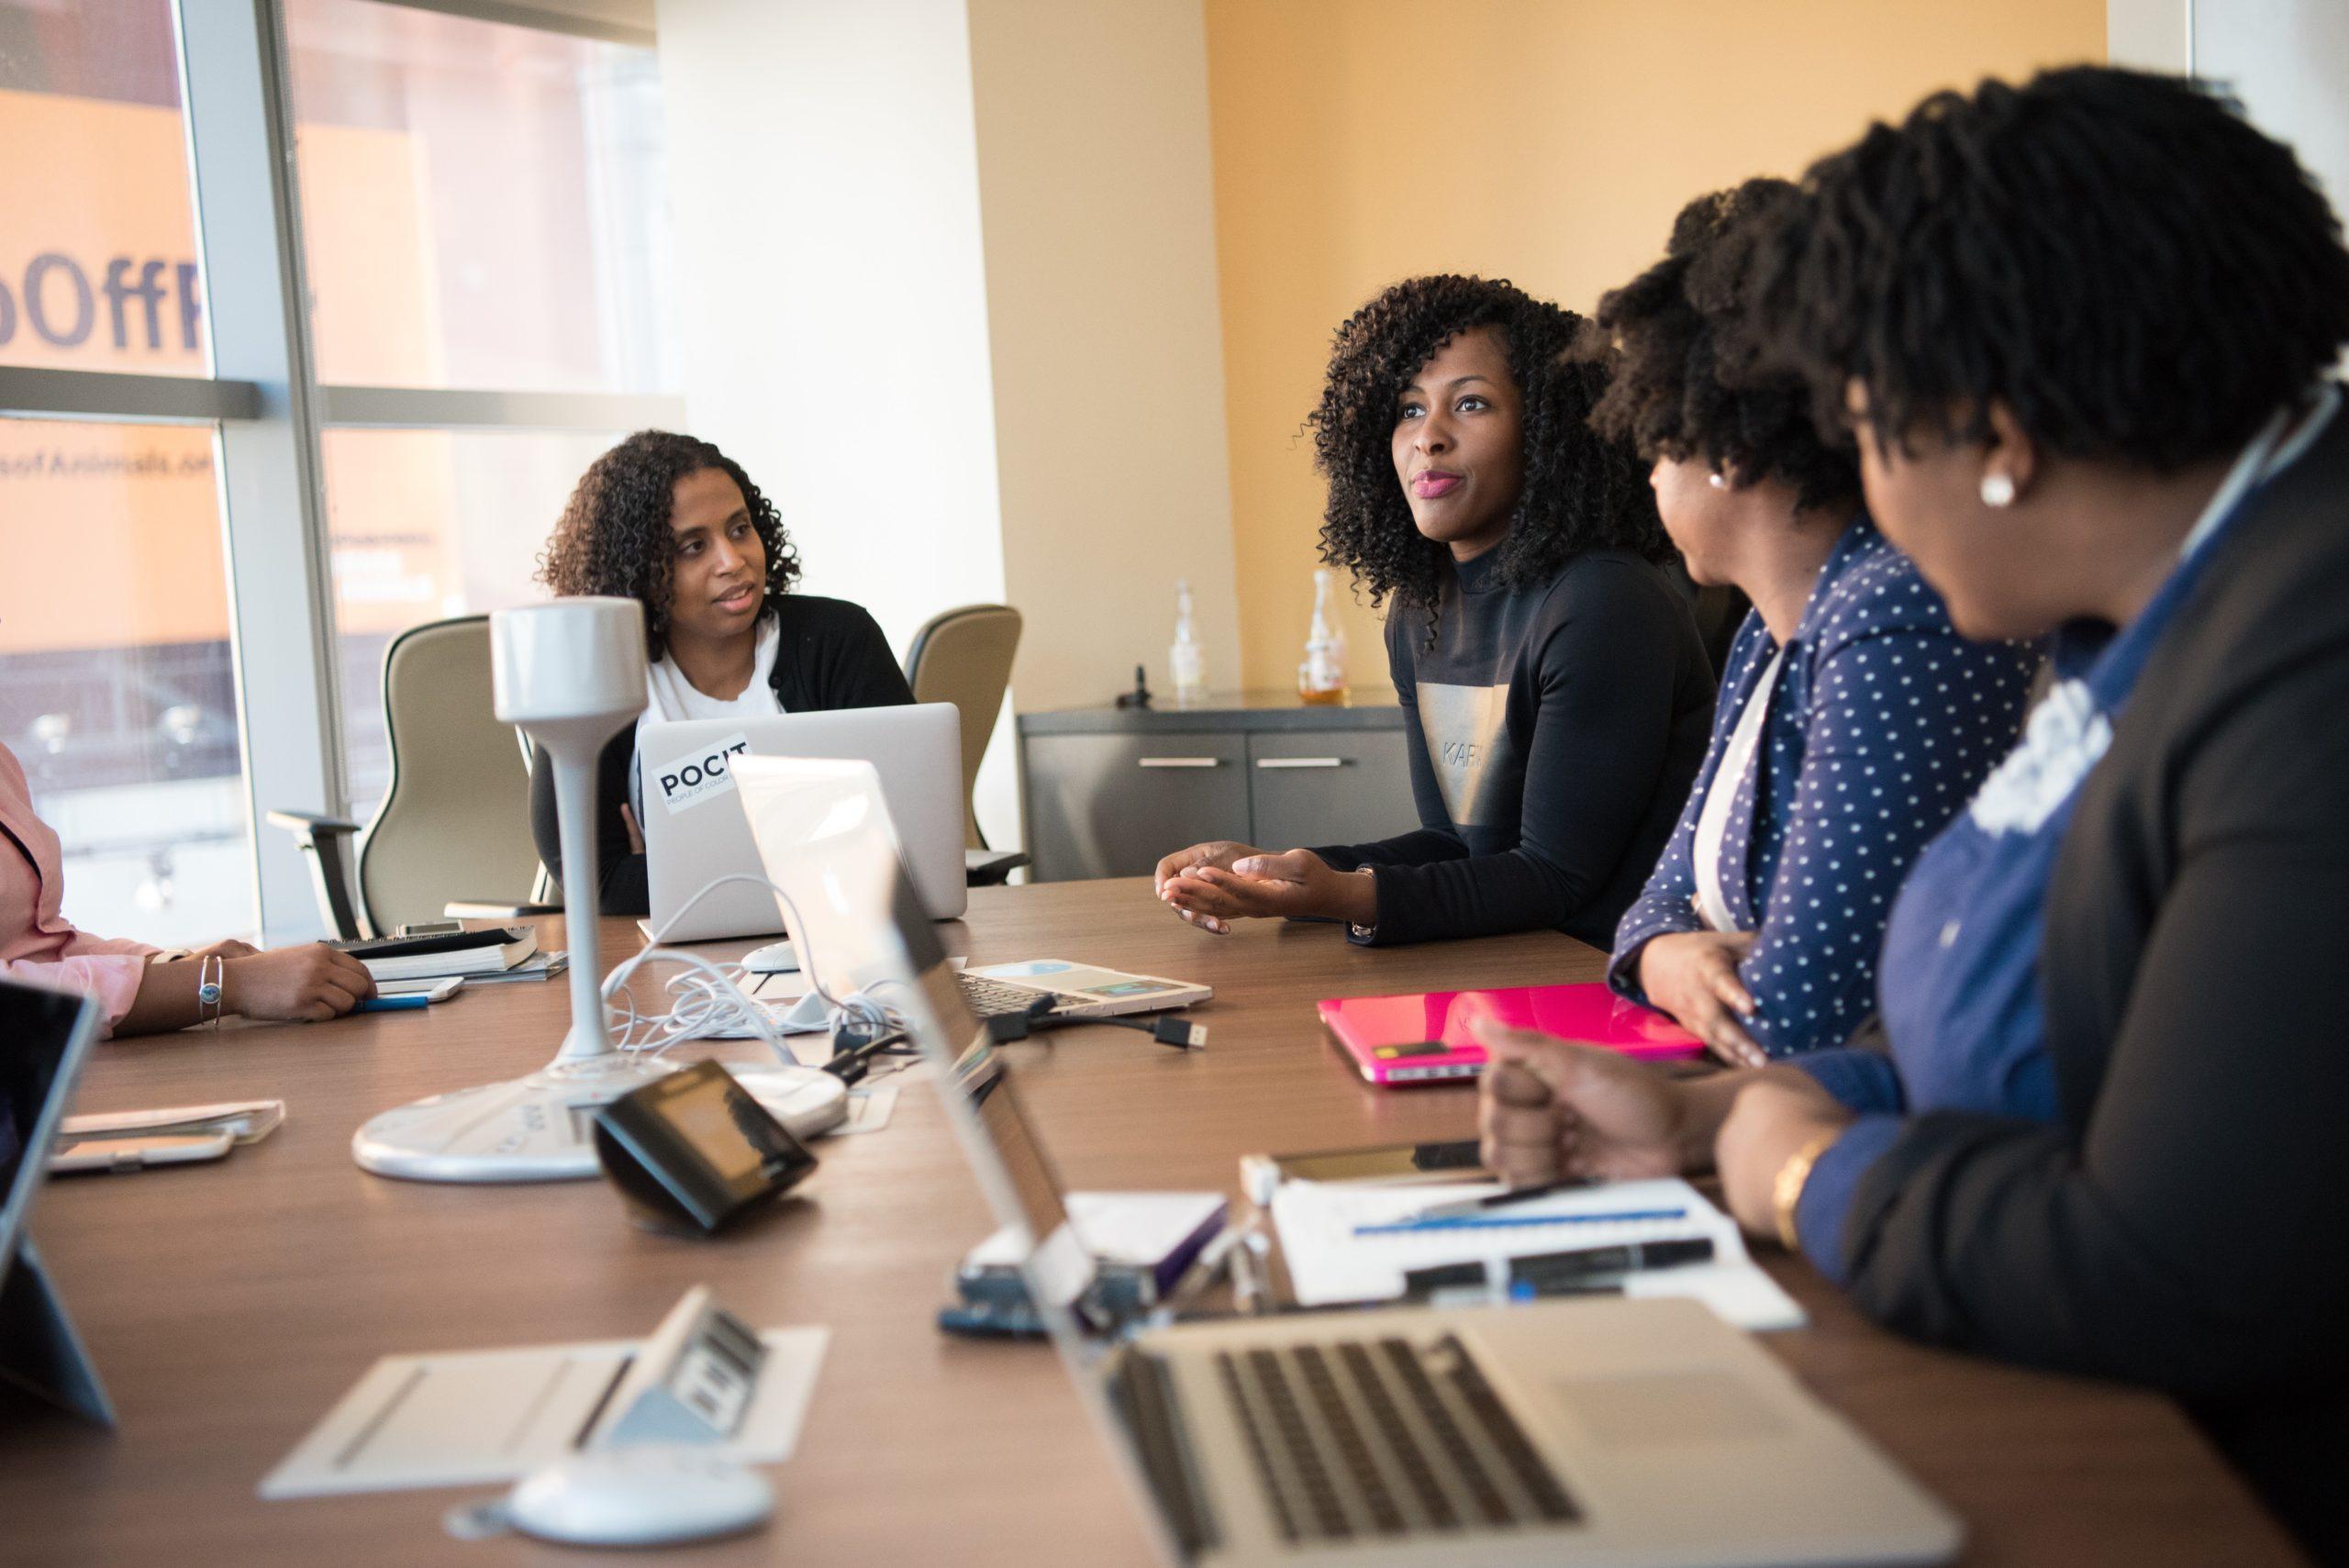 woman brainstorming